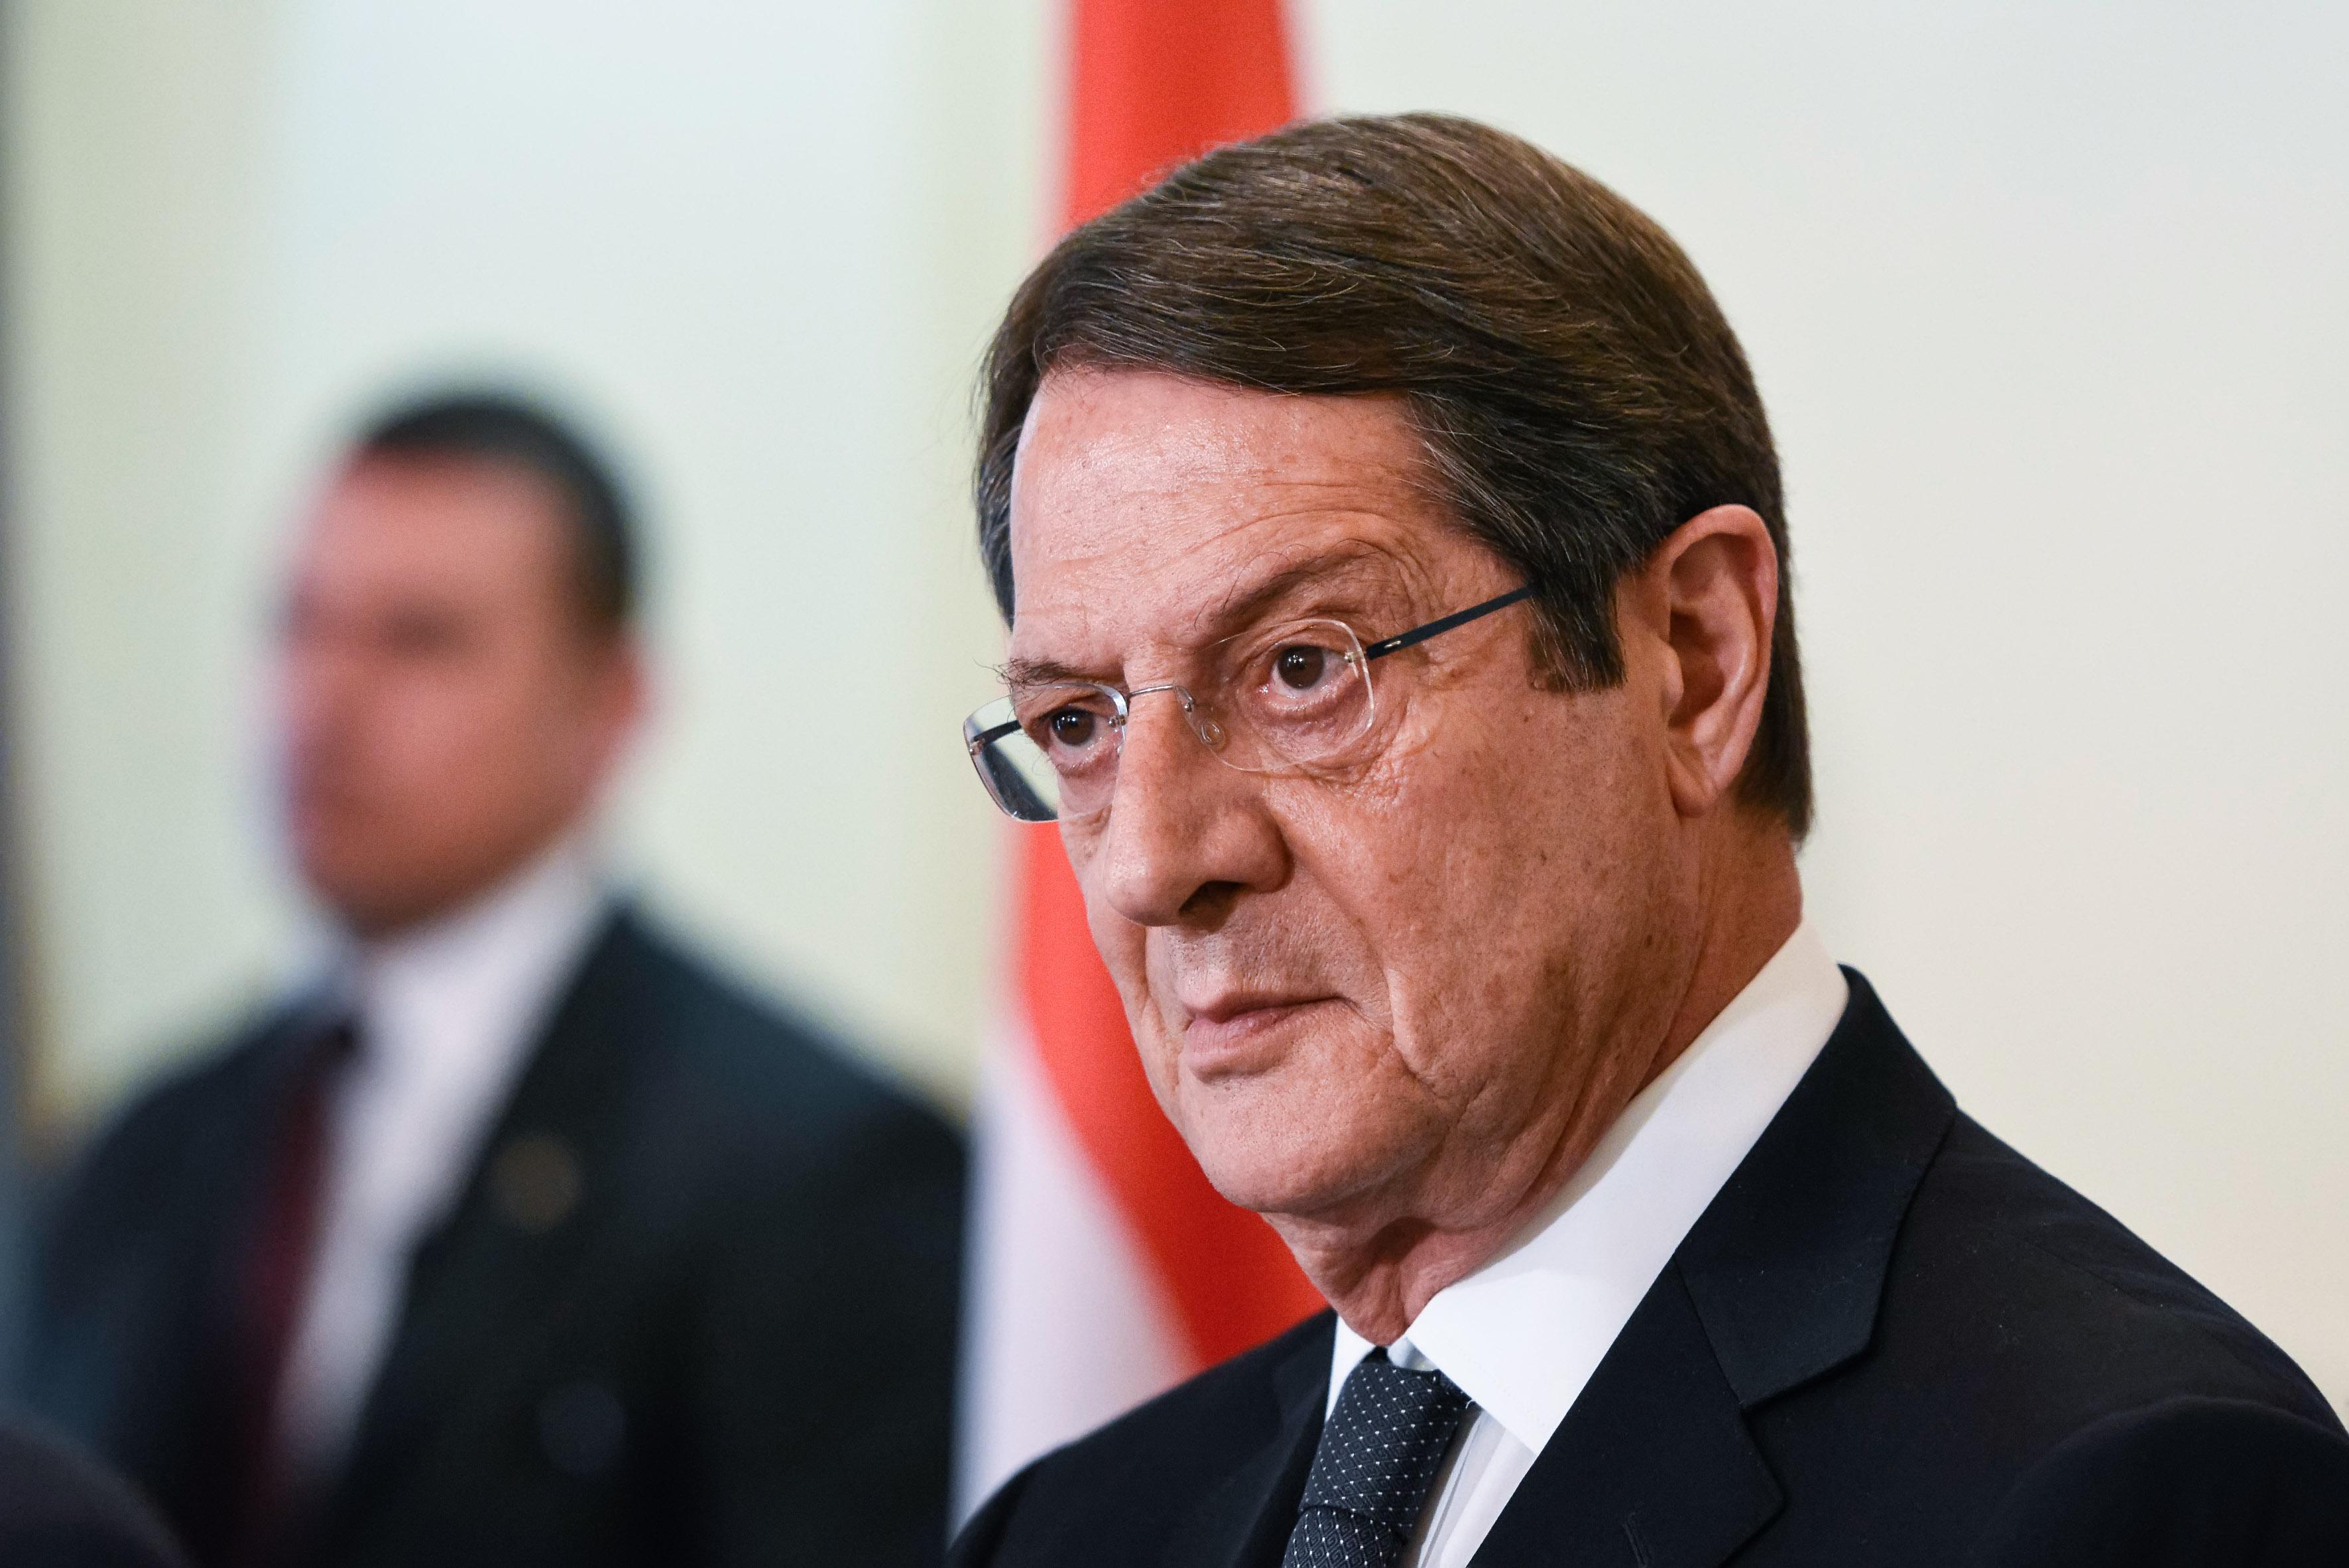 Κύπρος: Με τον Ακιντζί συναντάται απόψε ο Αναστασιάδης   tovima.gr